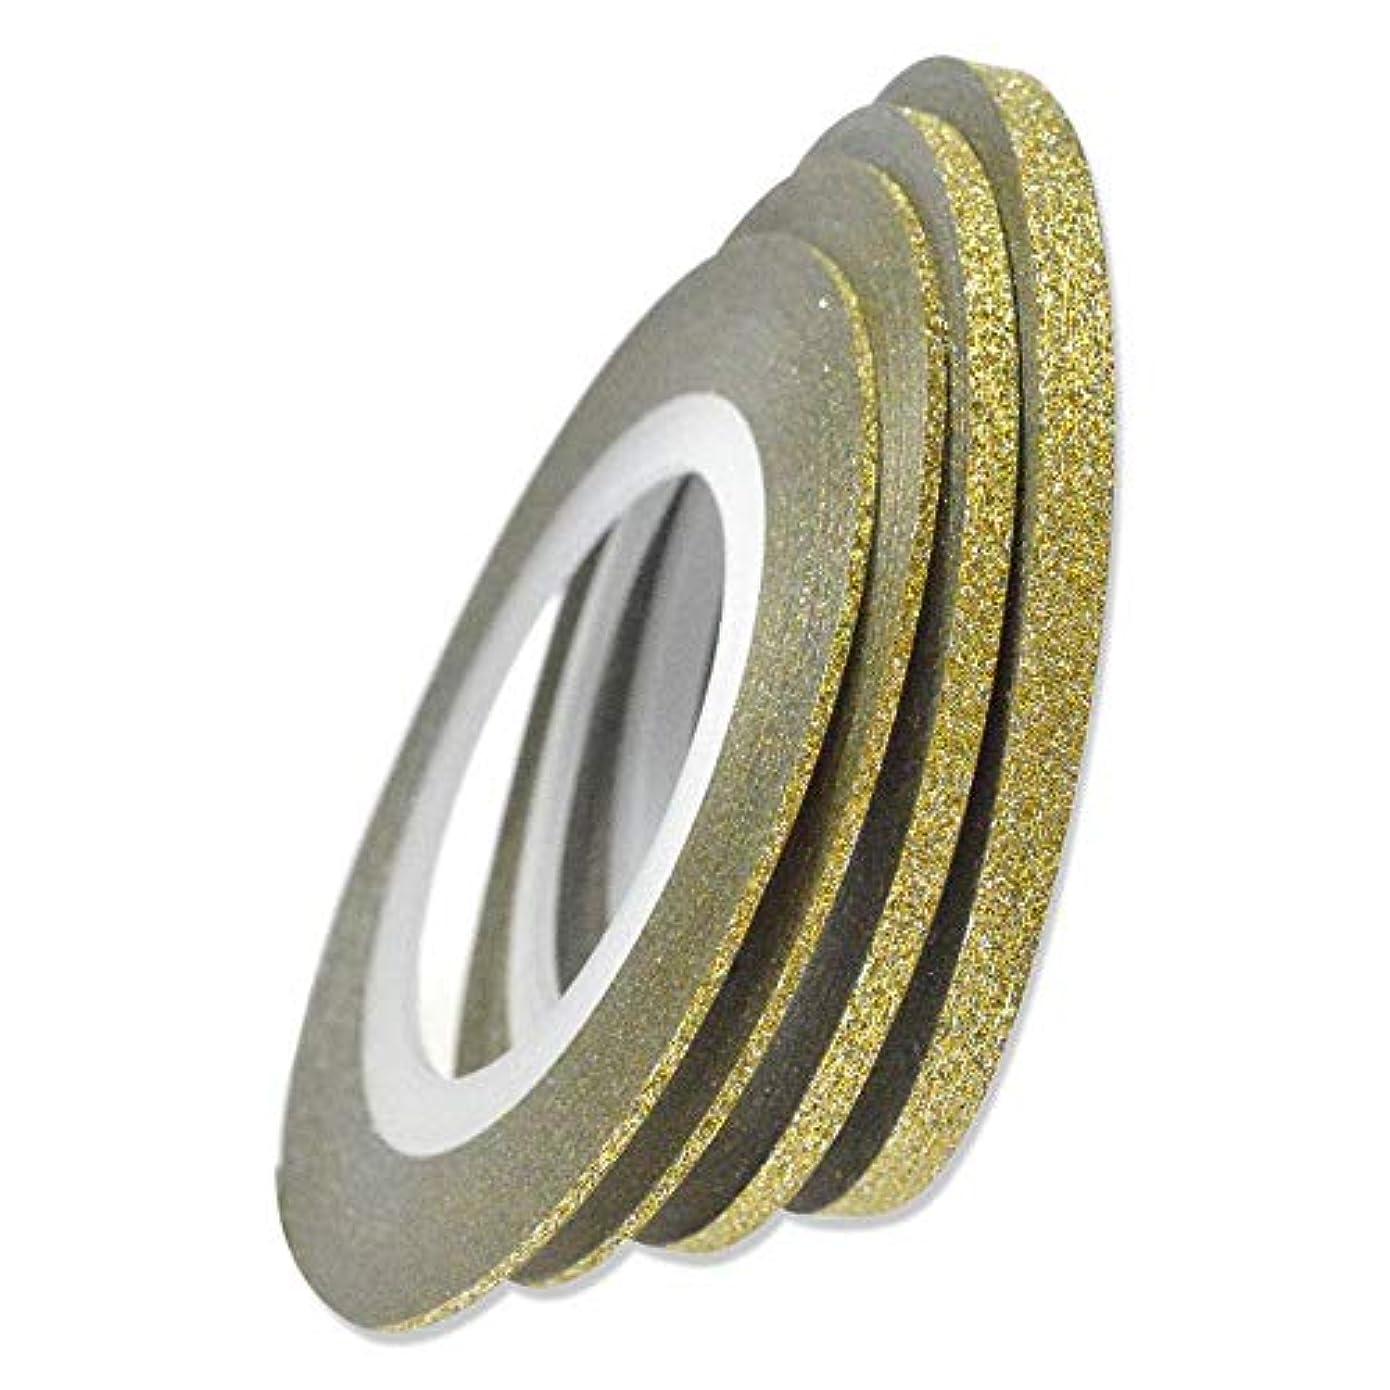 発明する殉教者アンケートSUKTI&XIAO ネイルステッカー 1ロールネイルアートキラキラストライピングテープラインレーザーシャイニングゴールド/シルバー1/2 / 3Mm新しいネイル転写箔ステッカー、3Mmゴールド